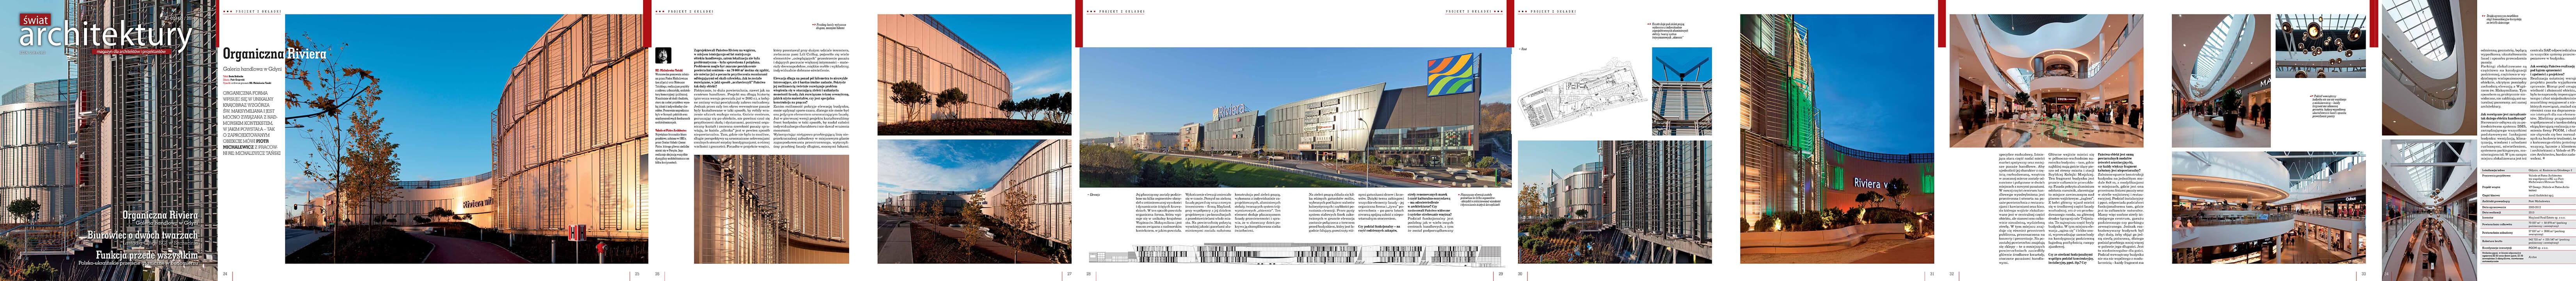 Ch Riviera in Gdynia - Świat Architektury 01 (42) / 14